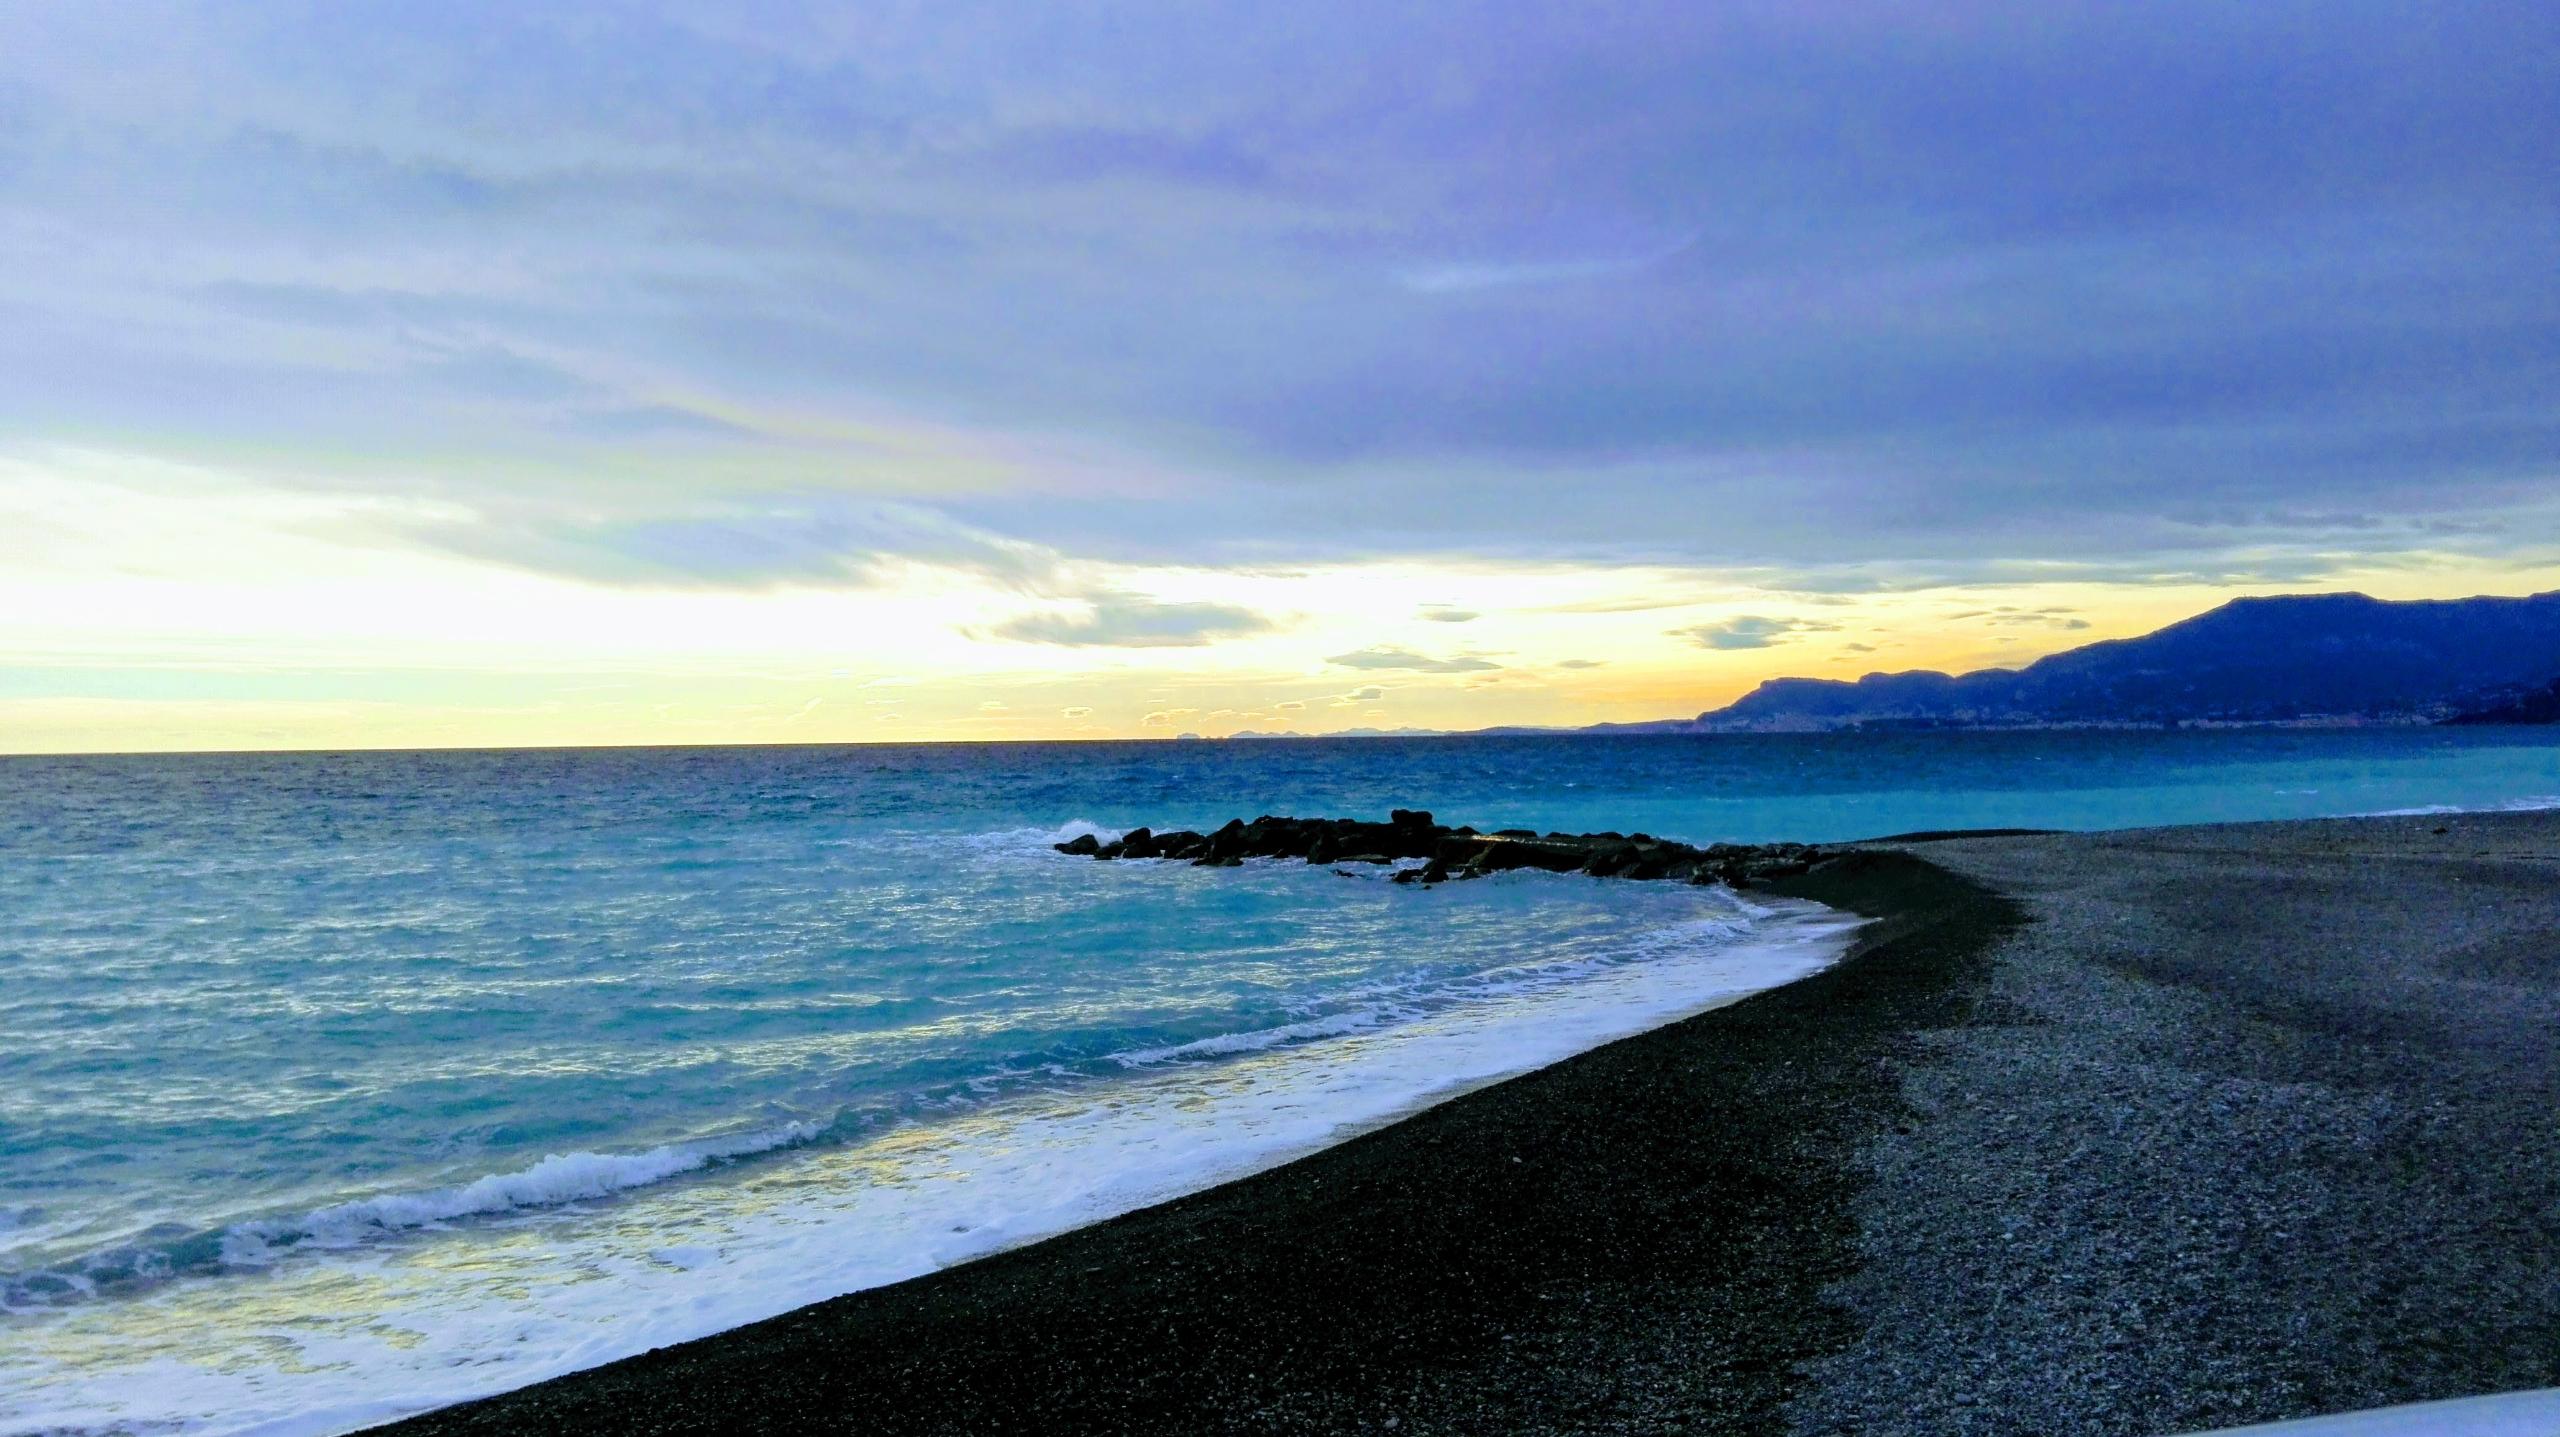 beach November, overlooking - Sanremo - sanftekuss | ello